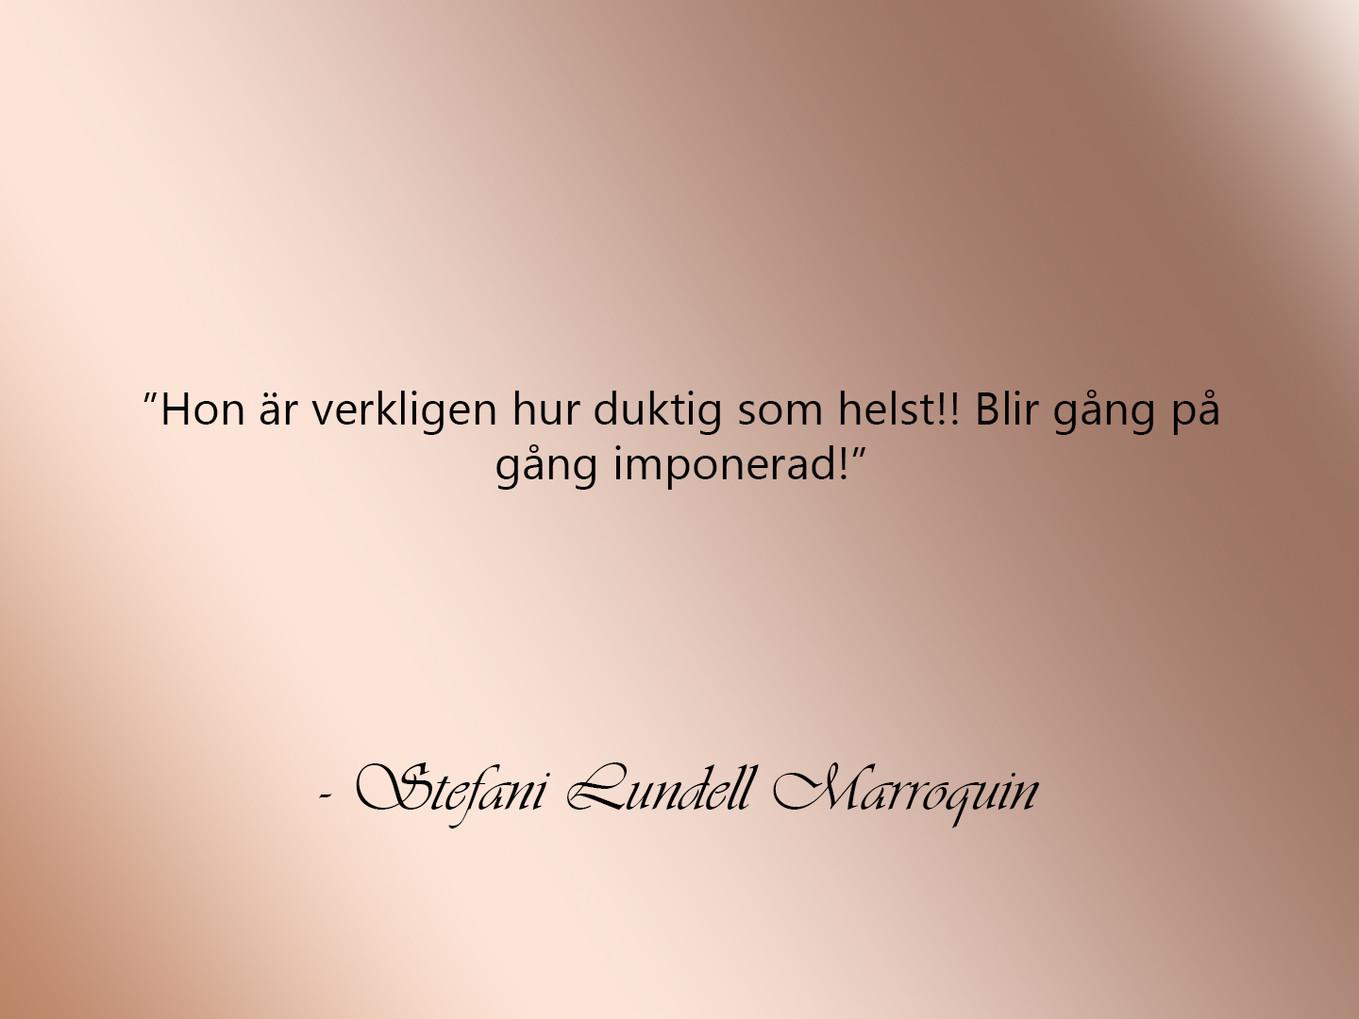 Stefani Lundell Marroquin.jpg